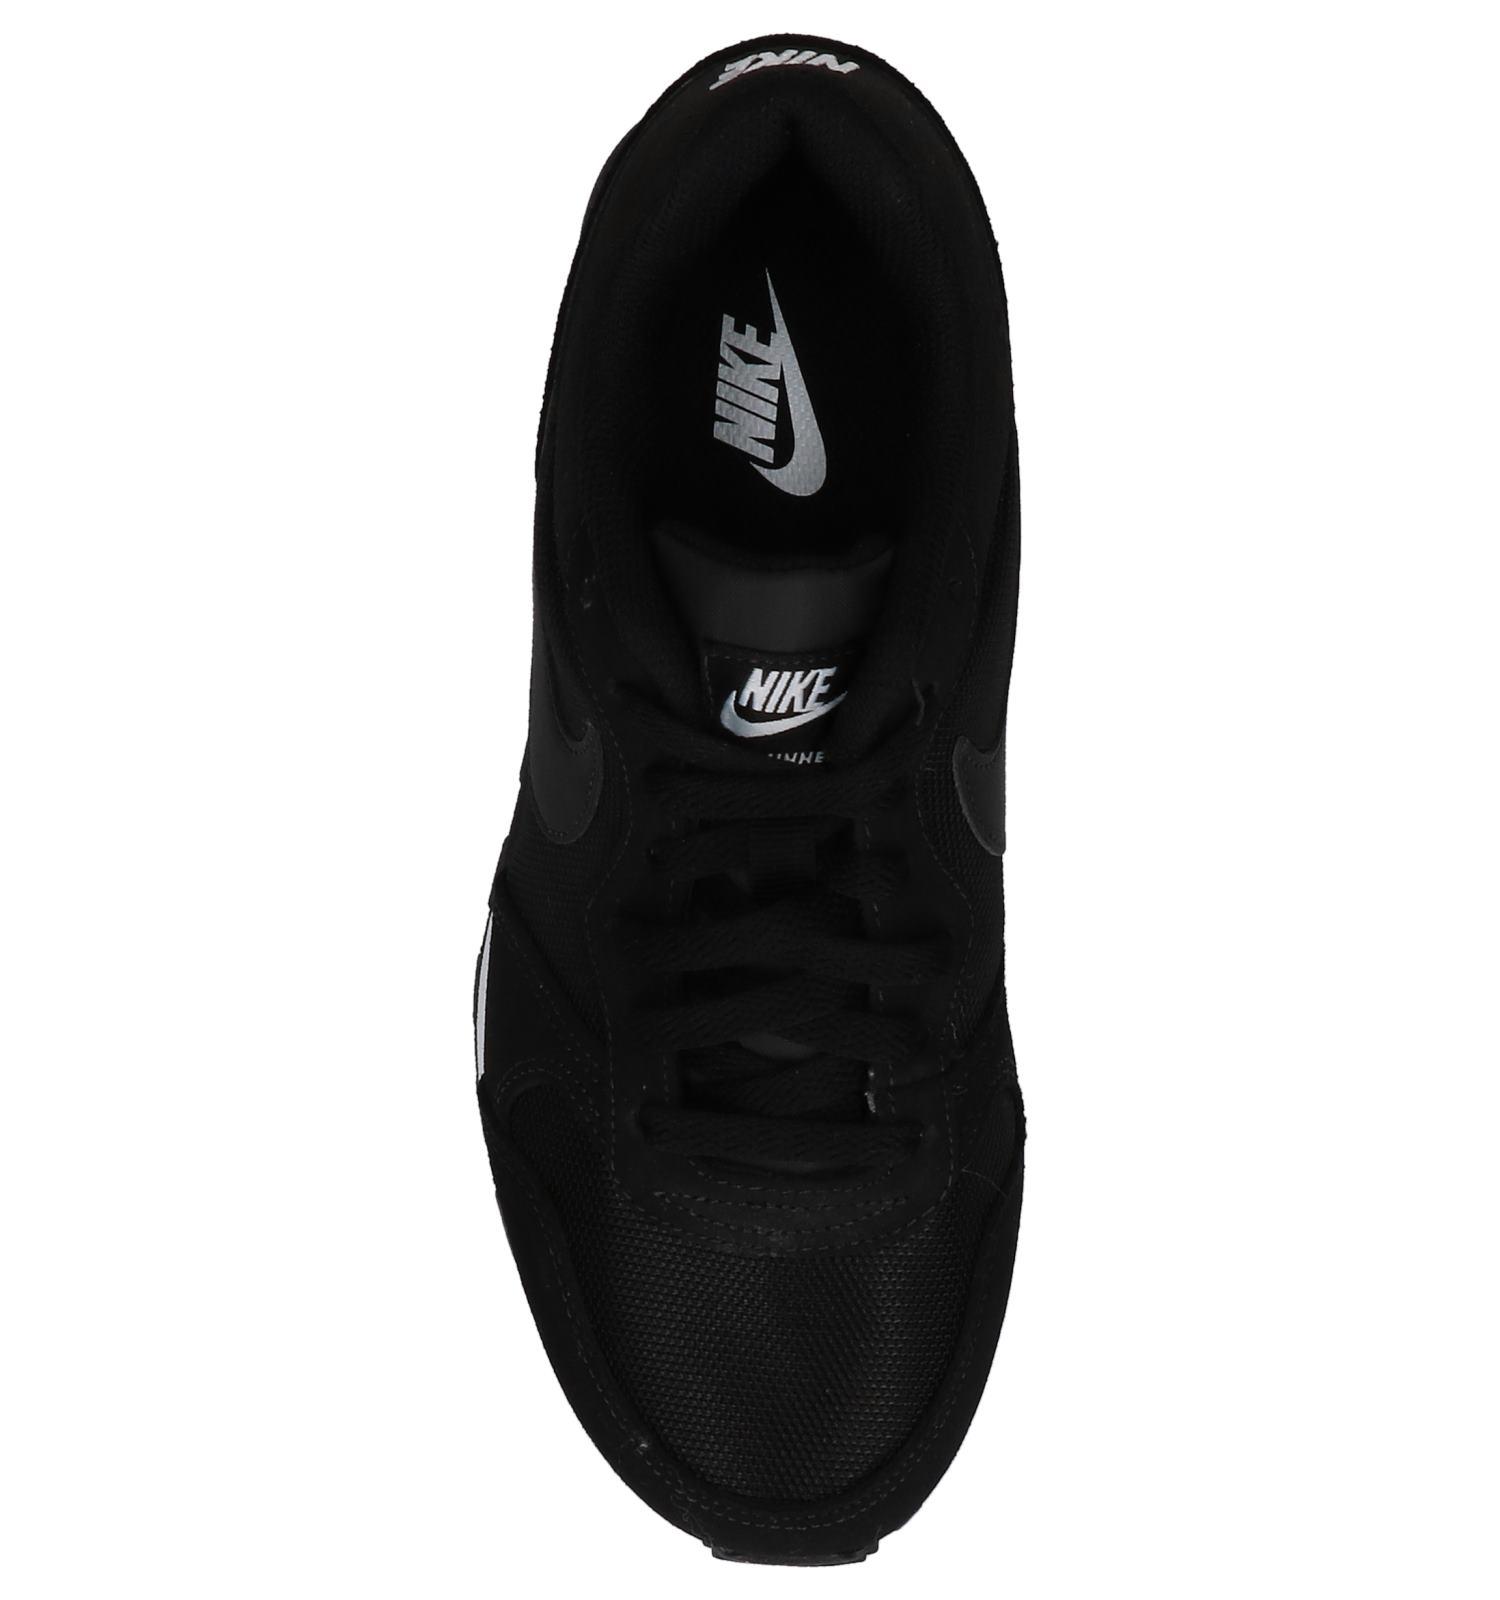 d0177e3fa6c Nike MD Runner 2 Lage Sneakers Zwart   TORFS.BE   Gratis verzend en retour